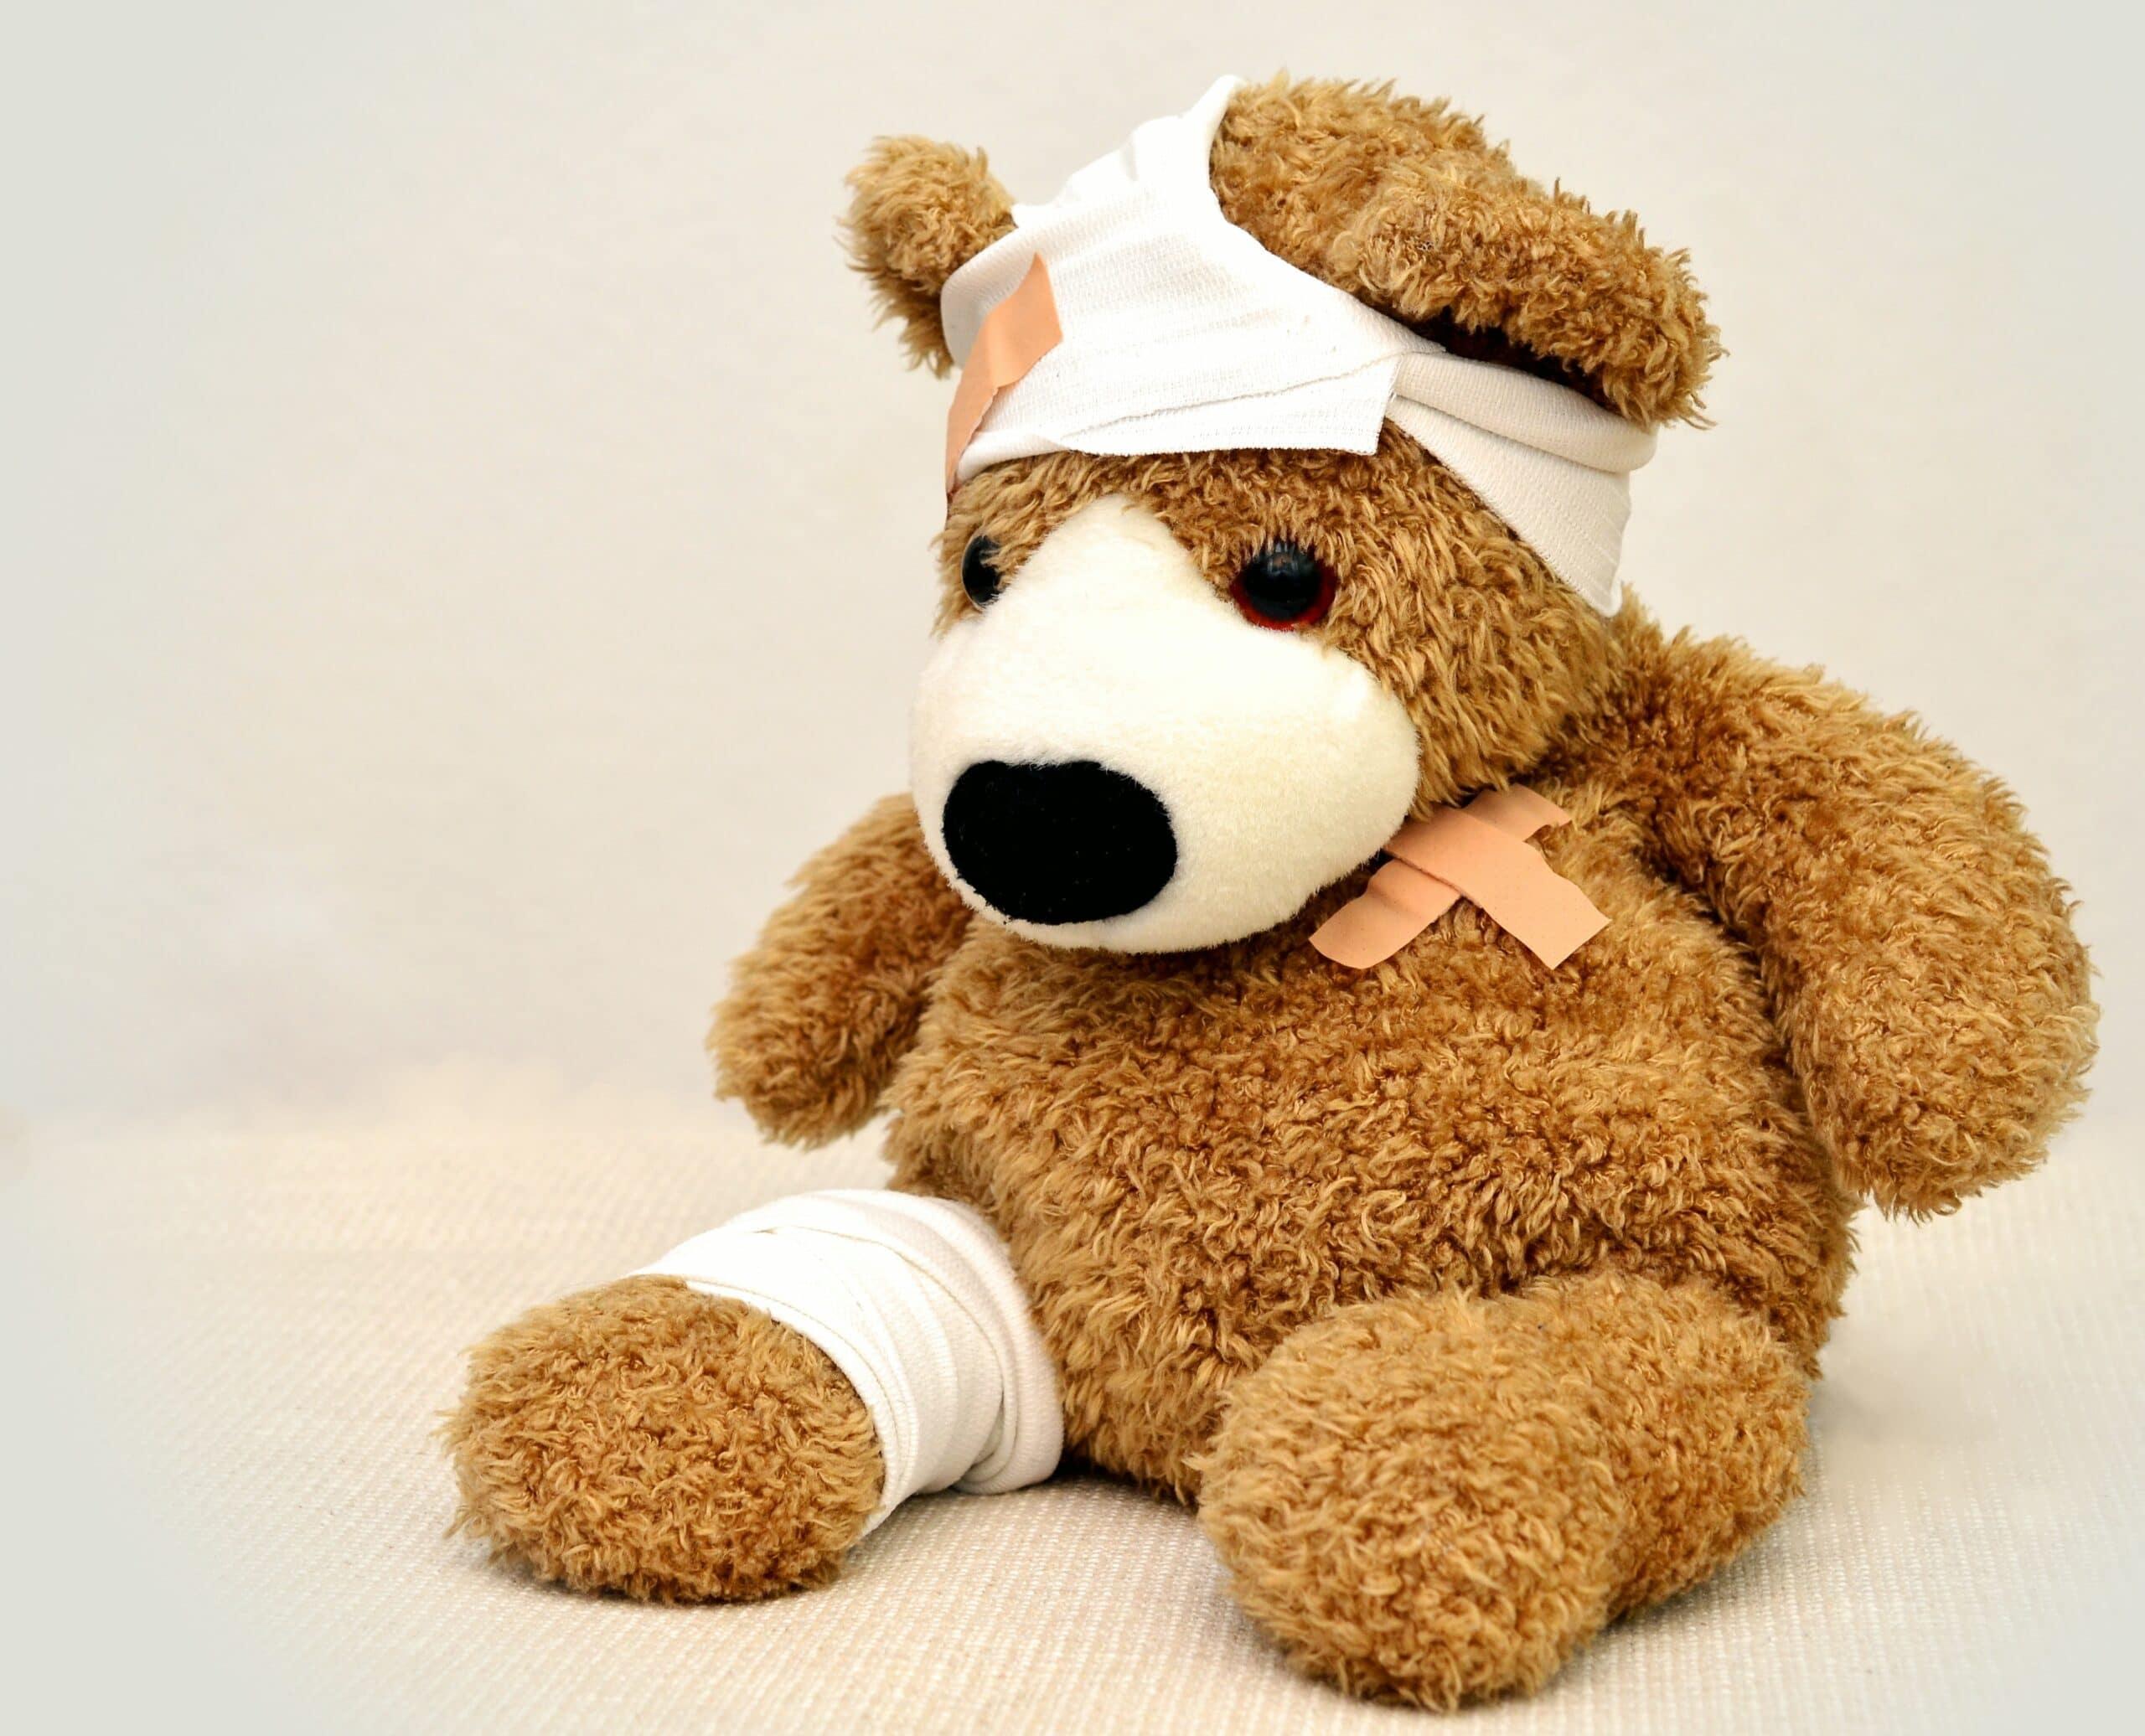 טיפול רוחני בפציעה קארמית וחבלה חוזרת